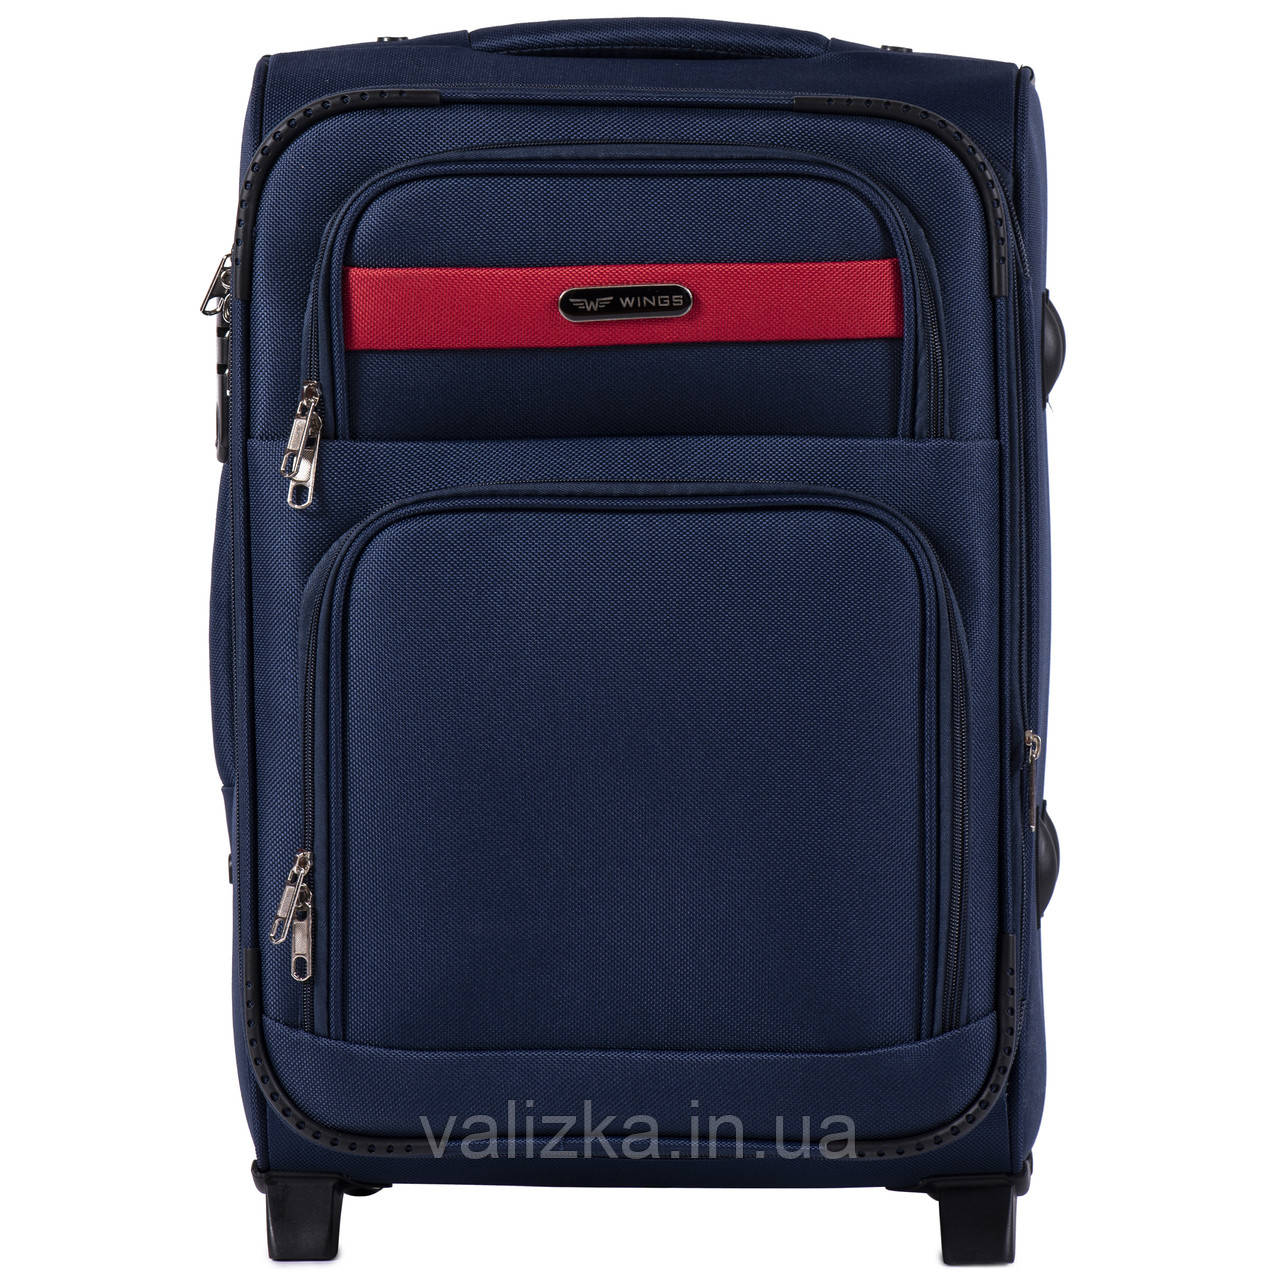 Малый текстильный чемодан синий с расширителем Wings 1605